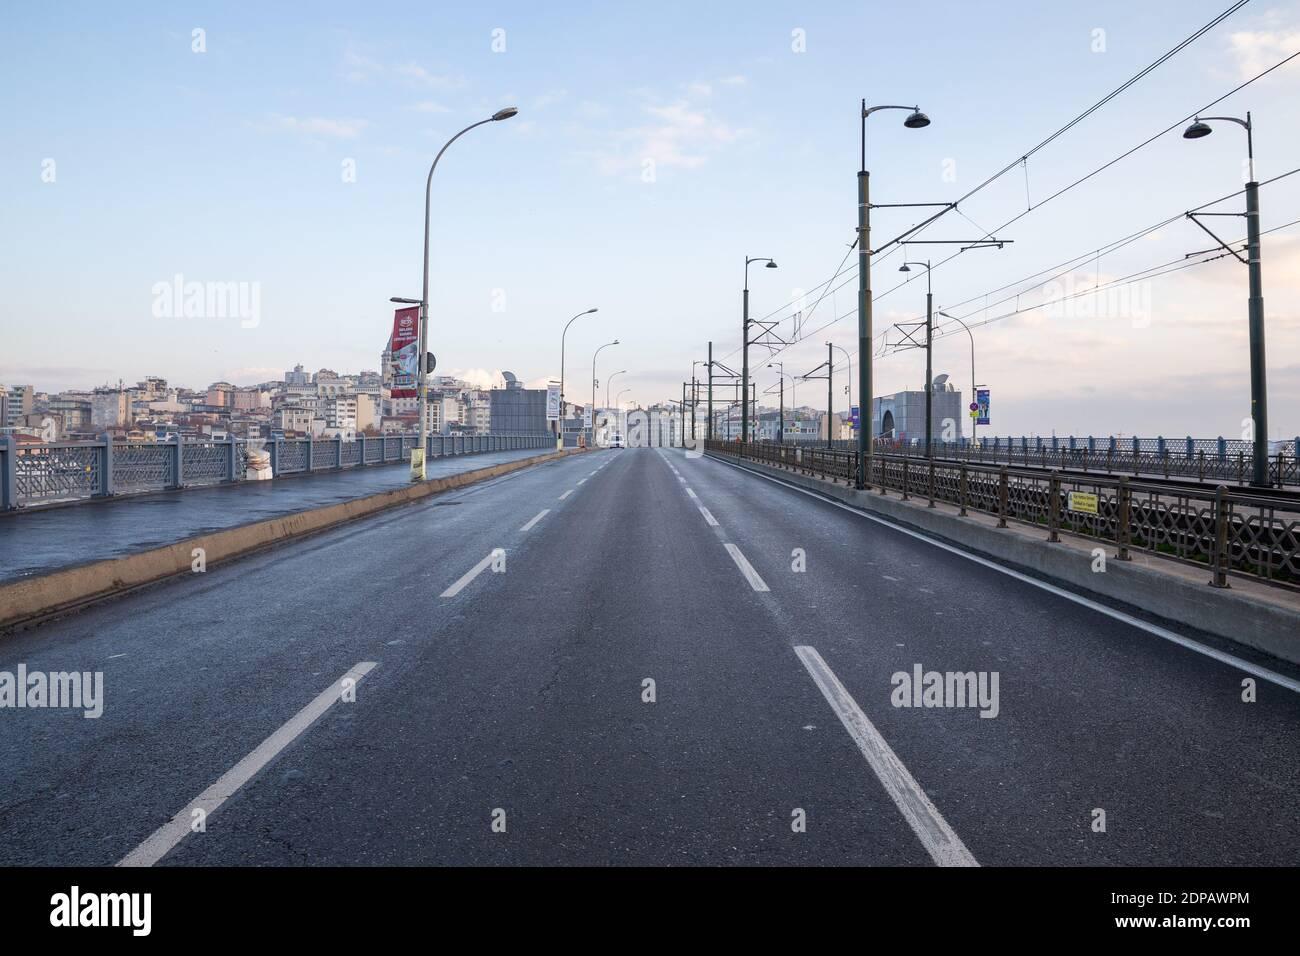 Vista desde el puente de Gálata, Estambul en Turquía el 6 de diciembre de 2020. Las calles de Estambul, que están vacías debido al toque de queda del fin de semana. Foto de stock